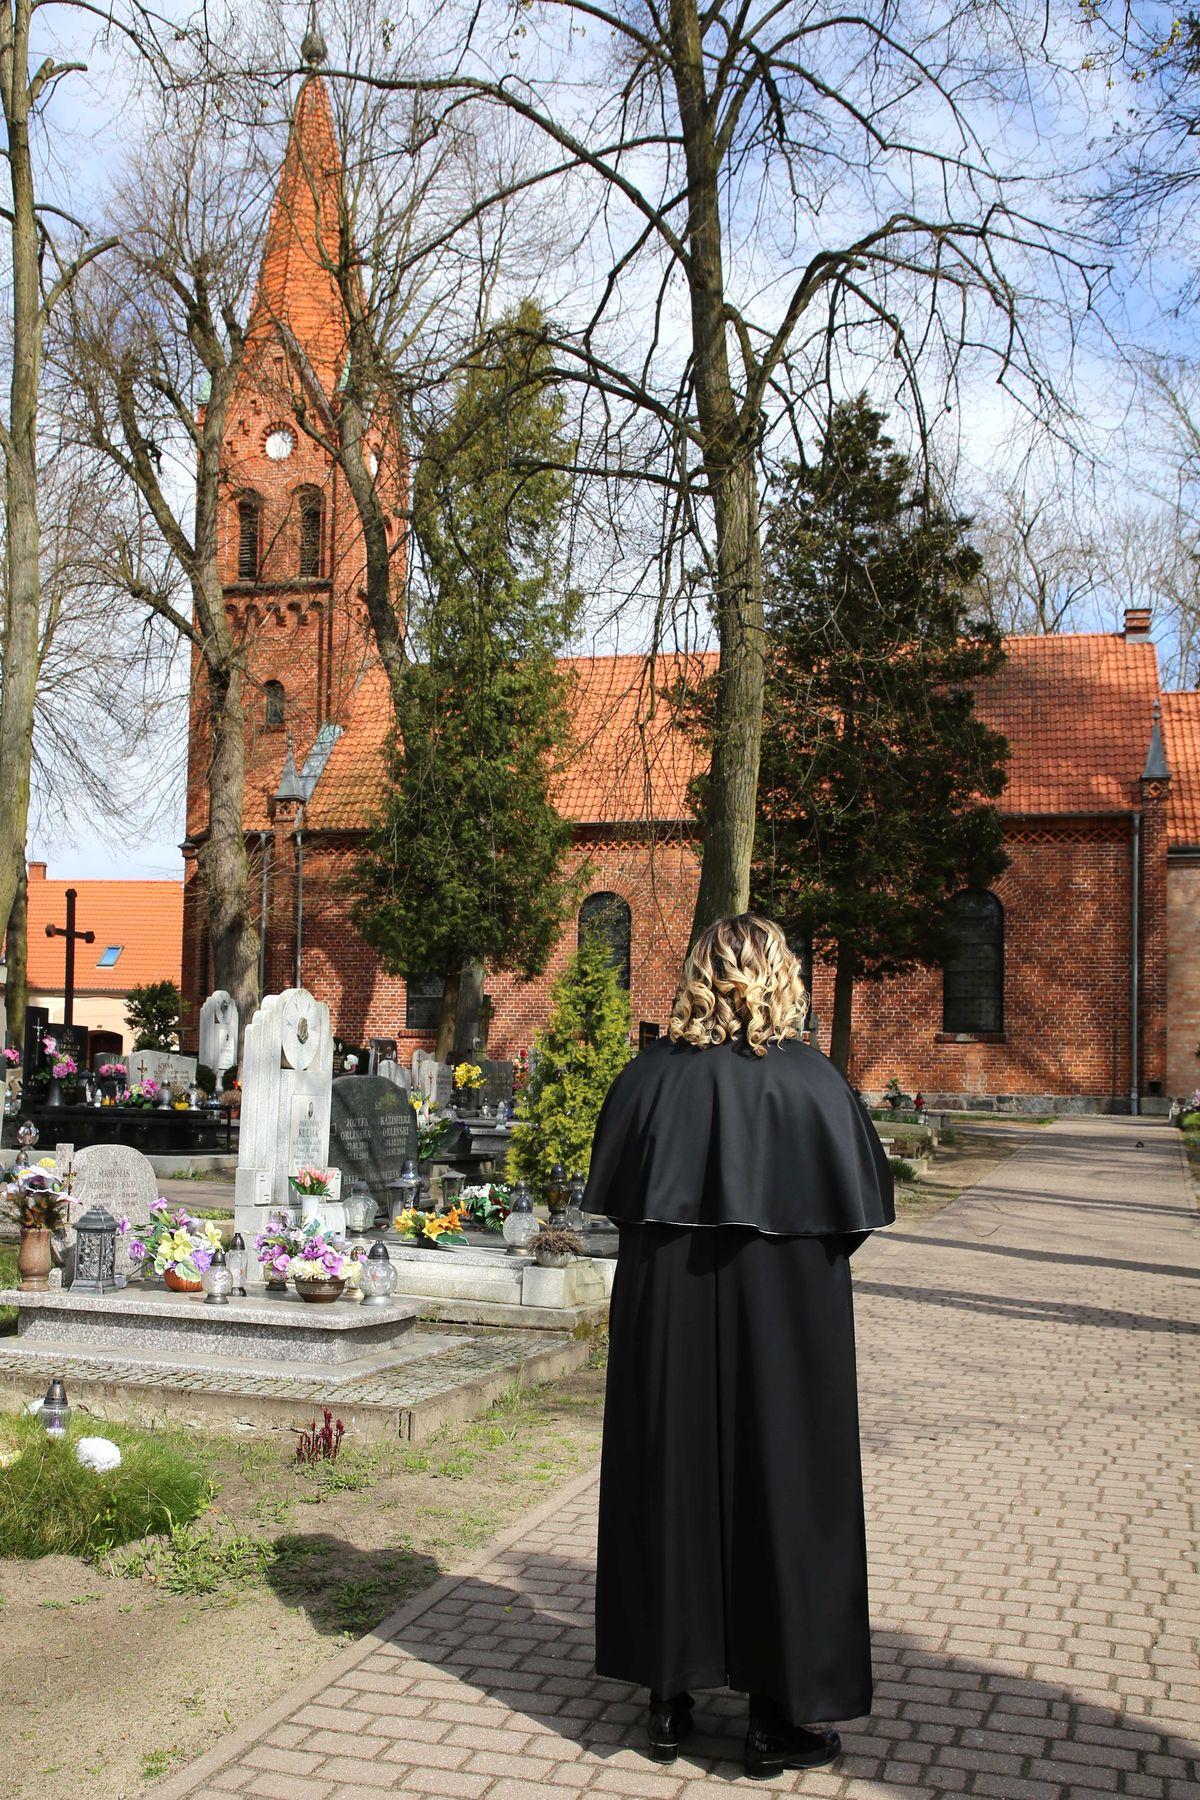 Beata prowadzi świeckie ceremonie pogrzebowe od października, ale od lat pomaga osobom pogrążonym w żałobie